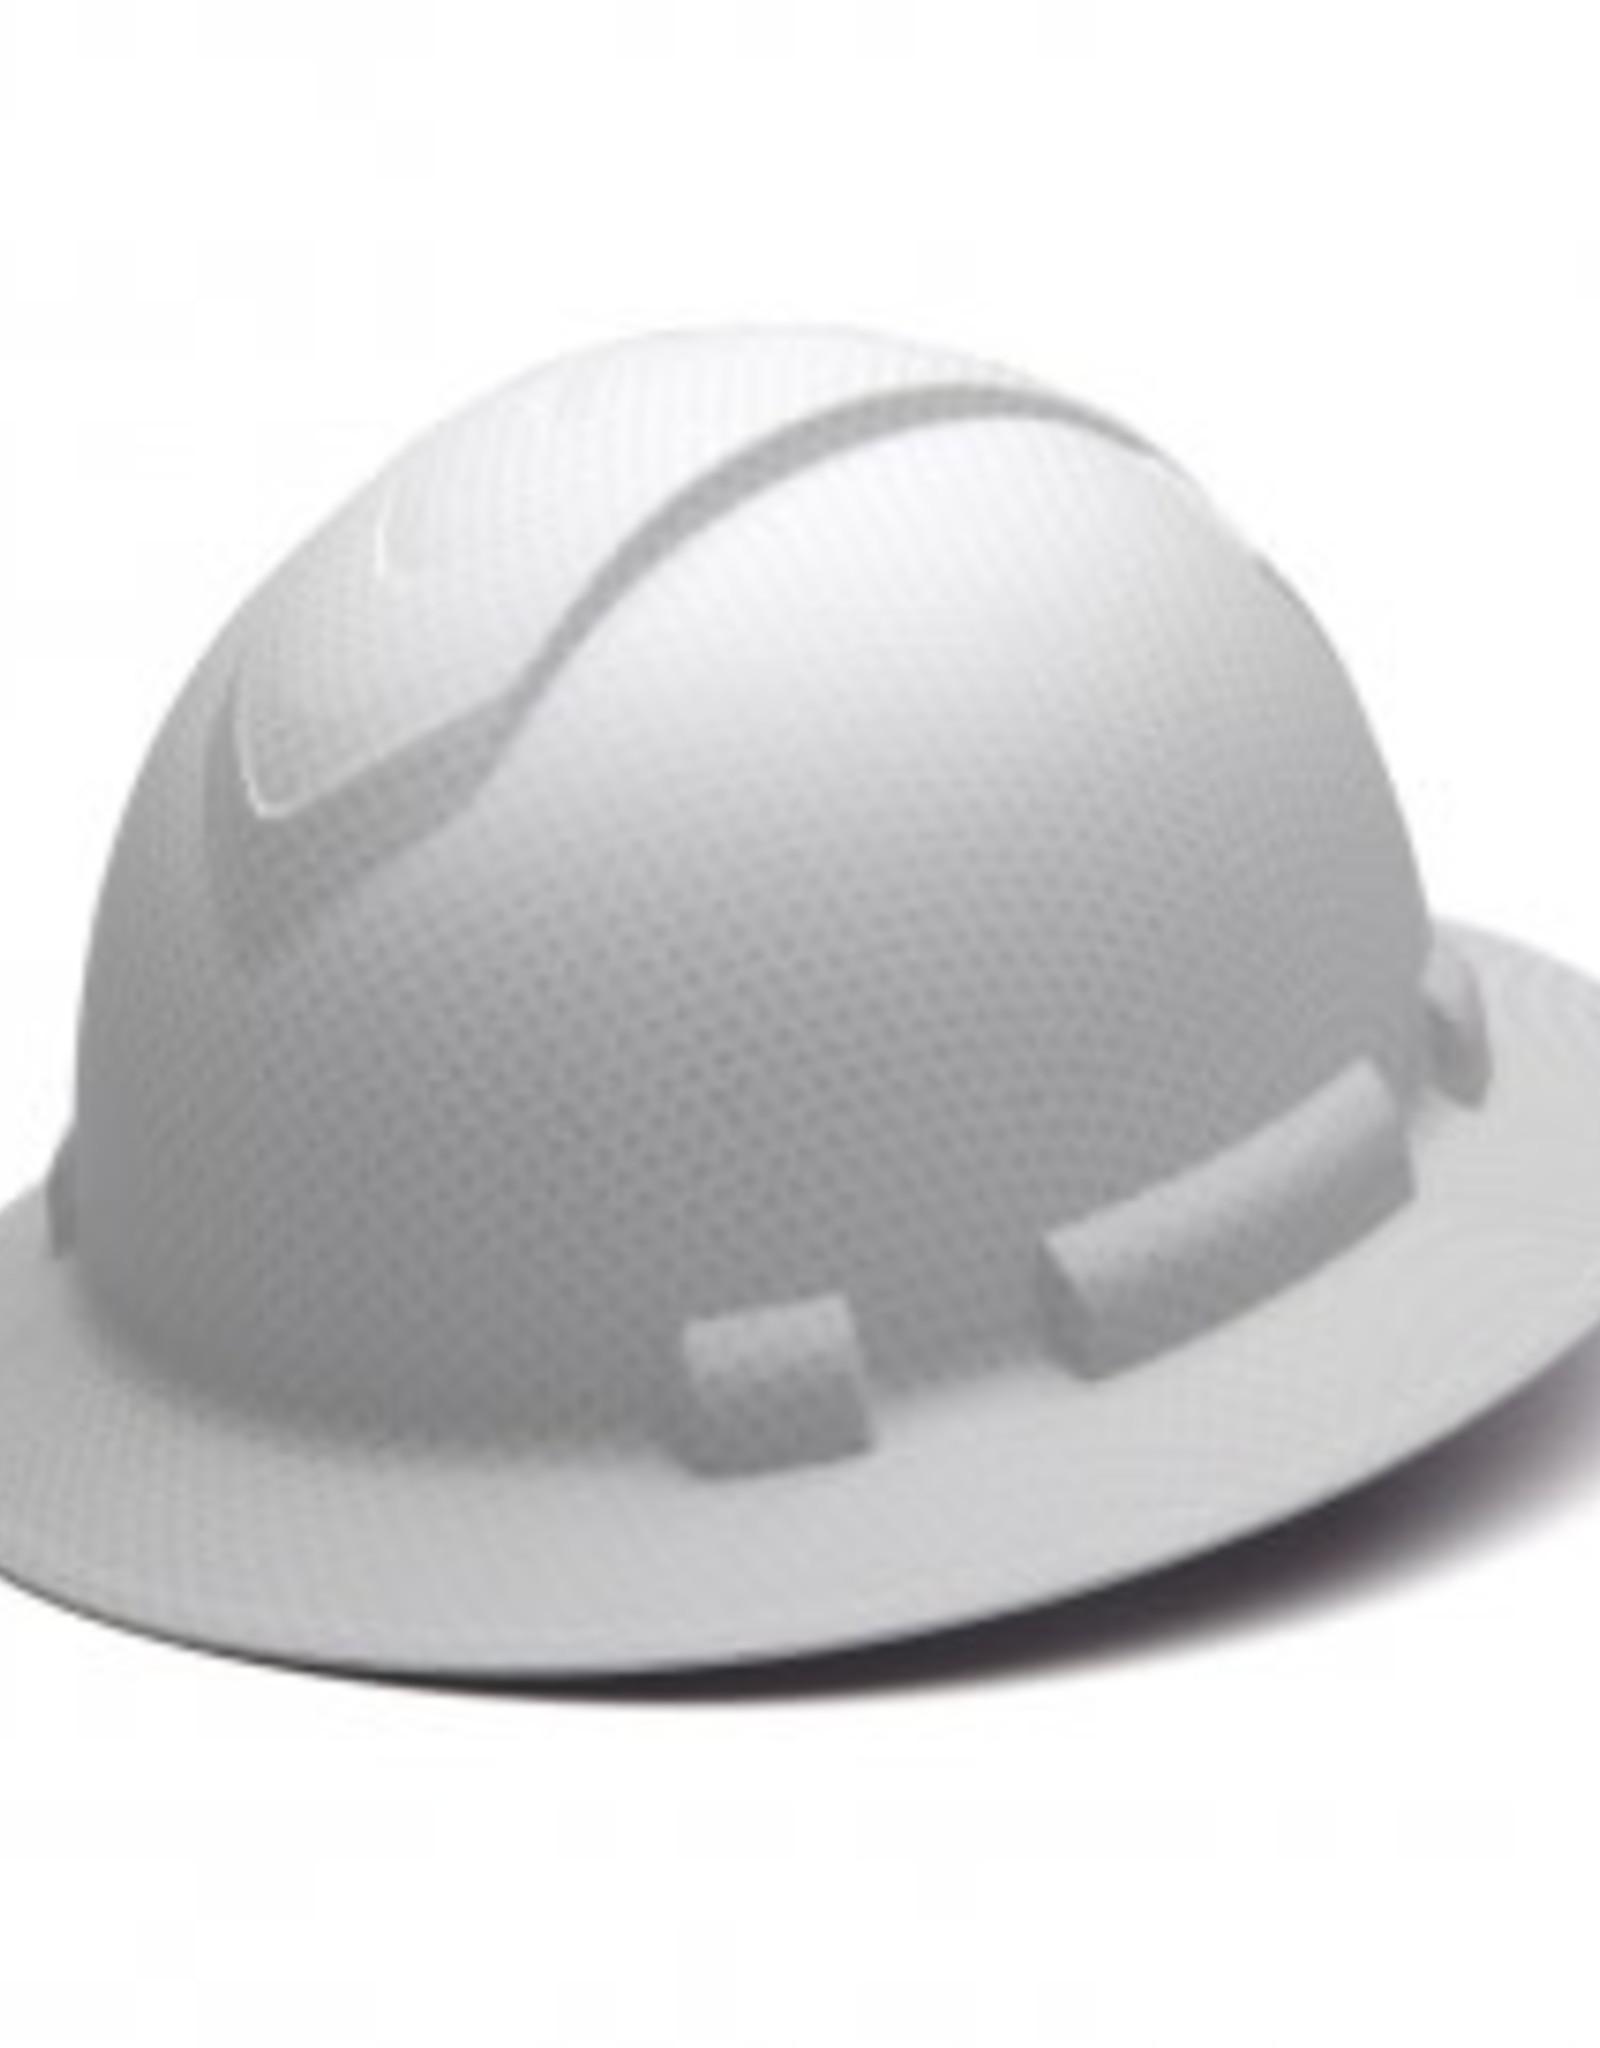 Pyramex Ridgeline Full Brim Hard Hat - 4 Point Ratchet Matte White Graphite Pattern